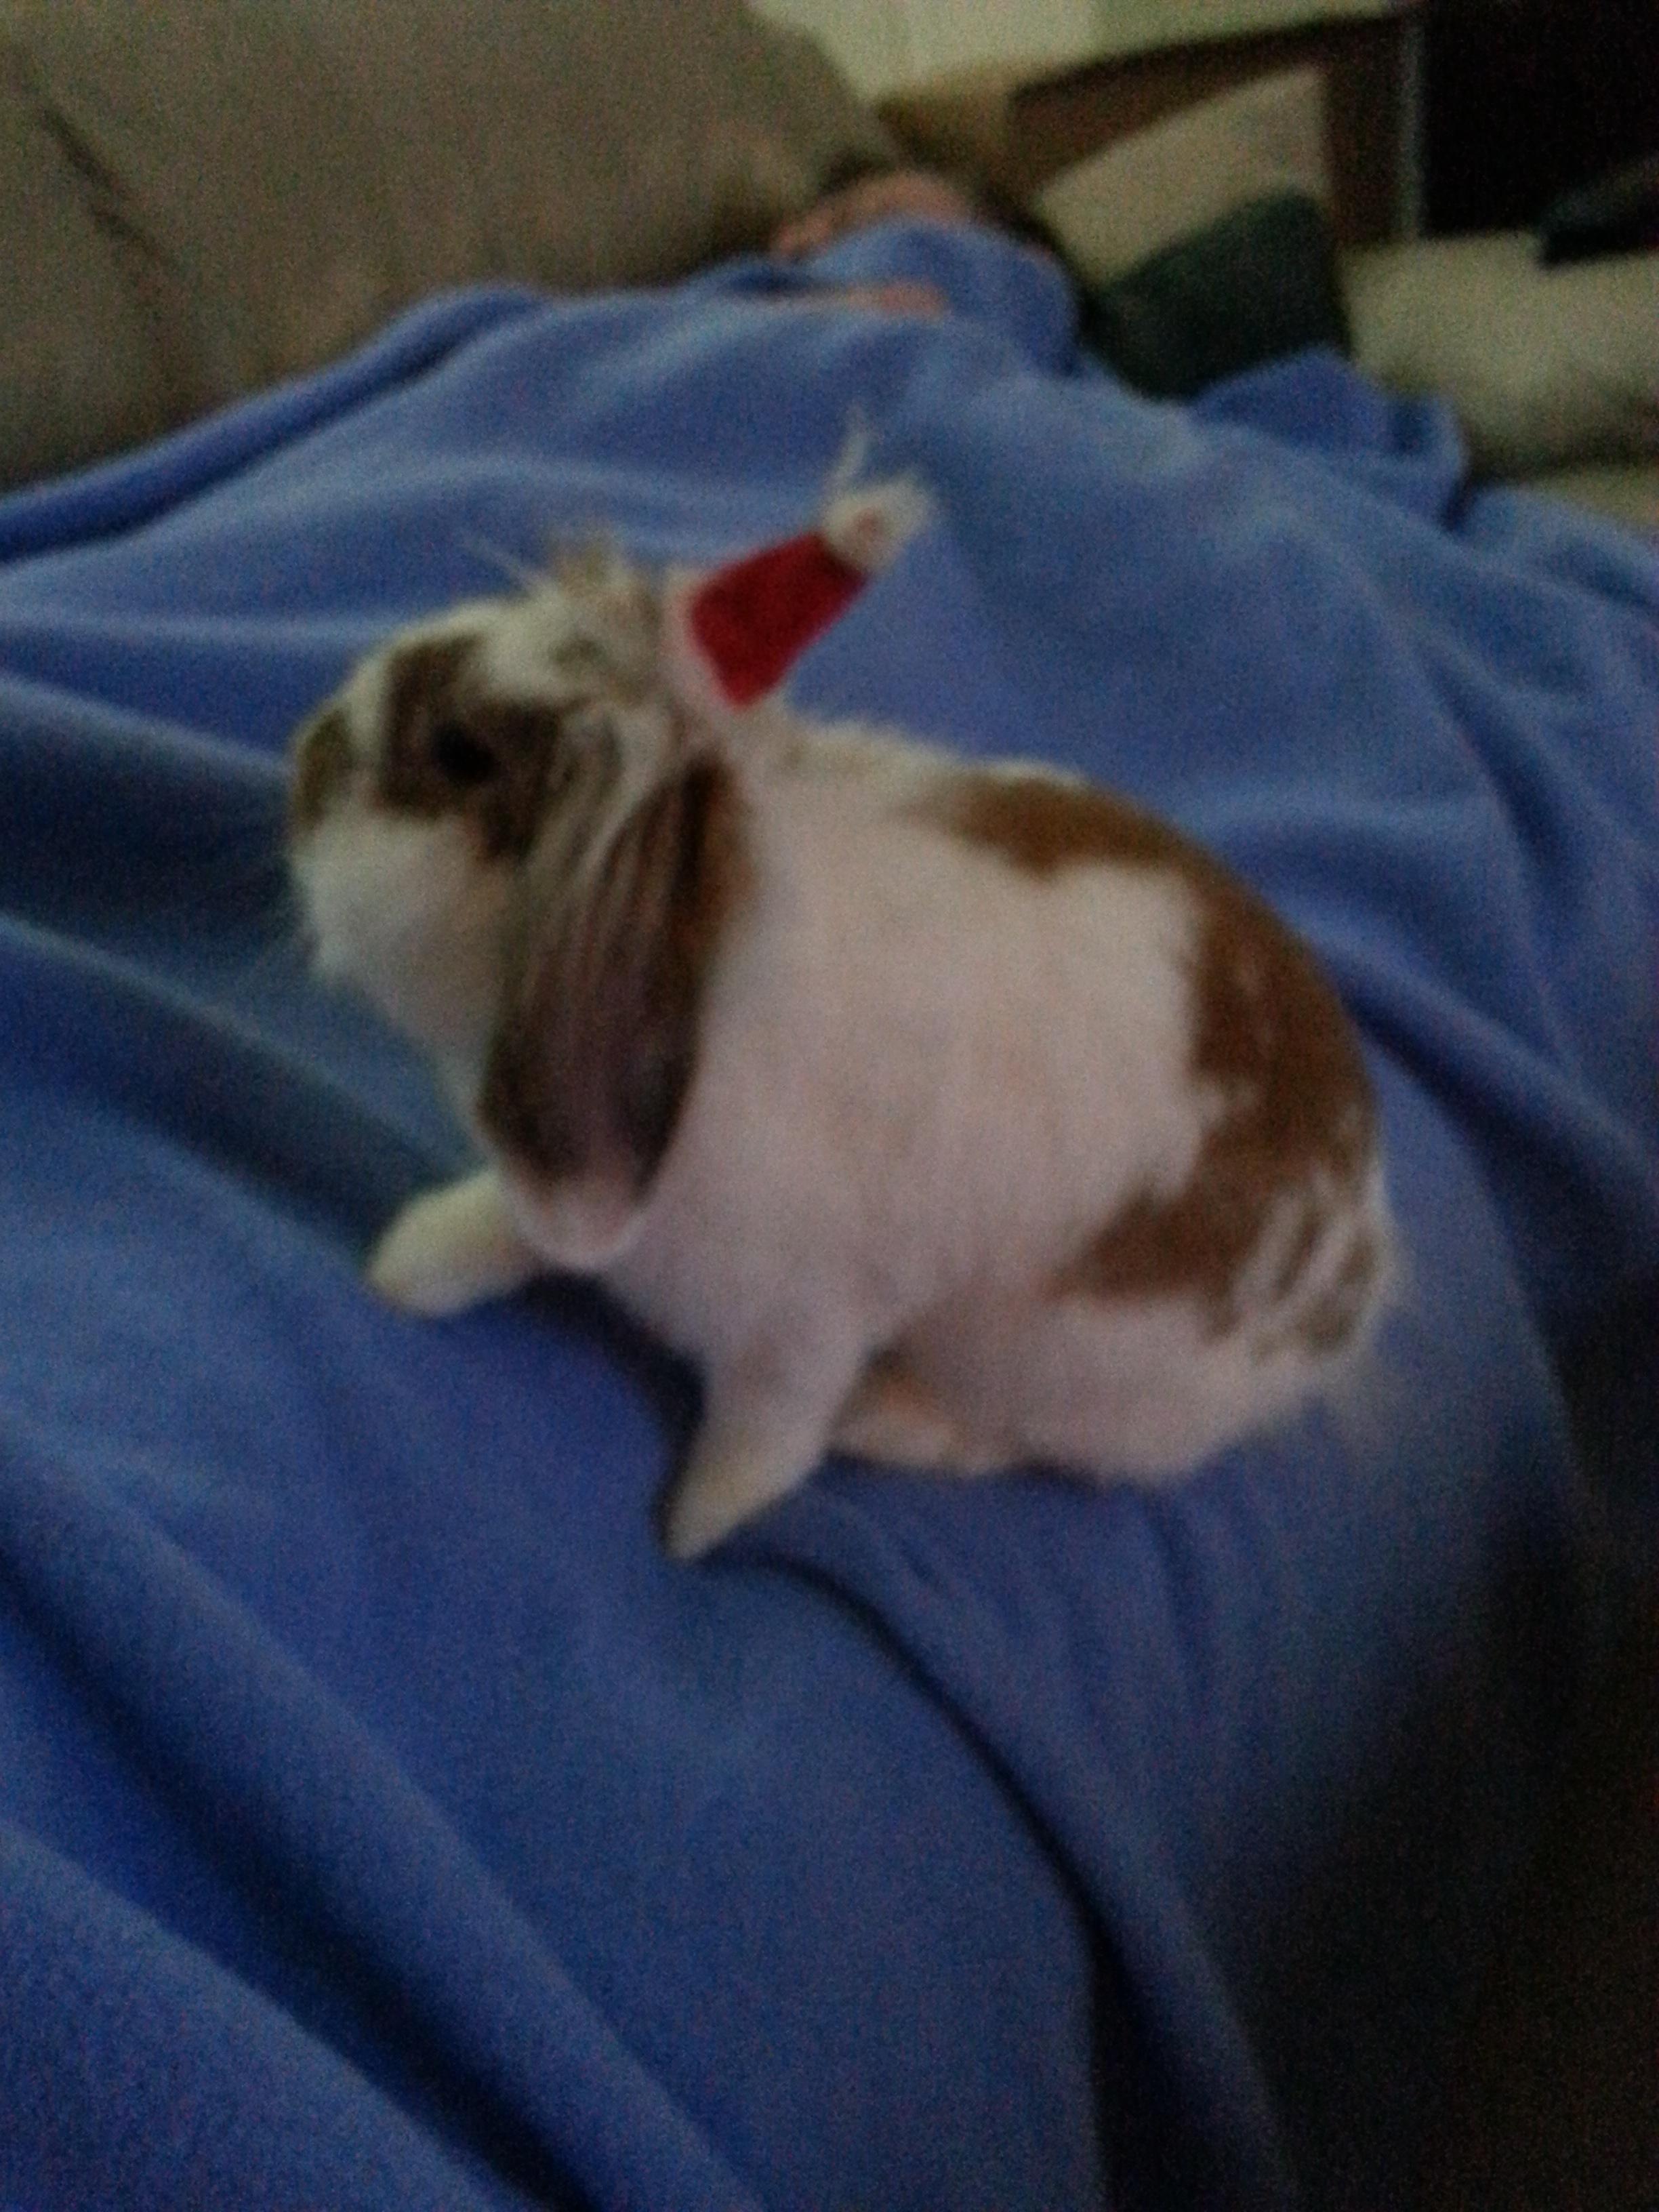 The Daily Bunny's Christmas 2013 Mega-Post 19.3